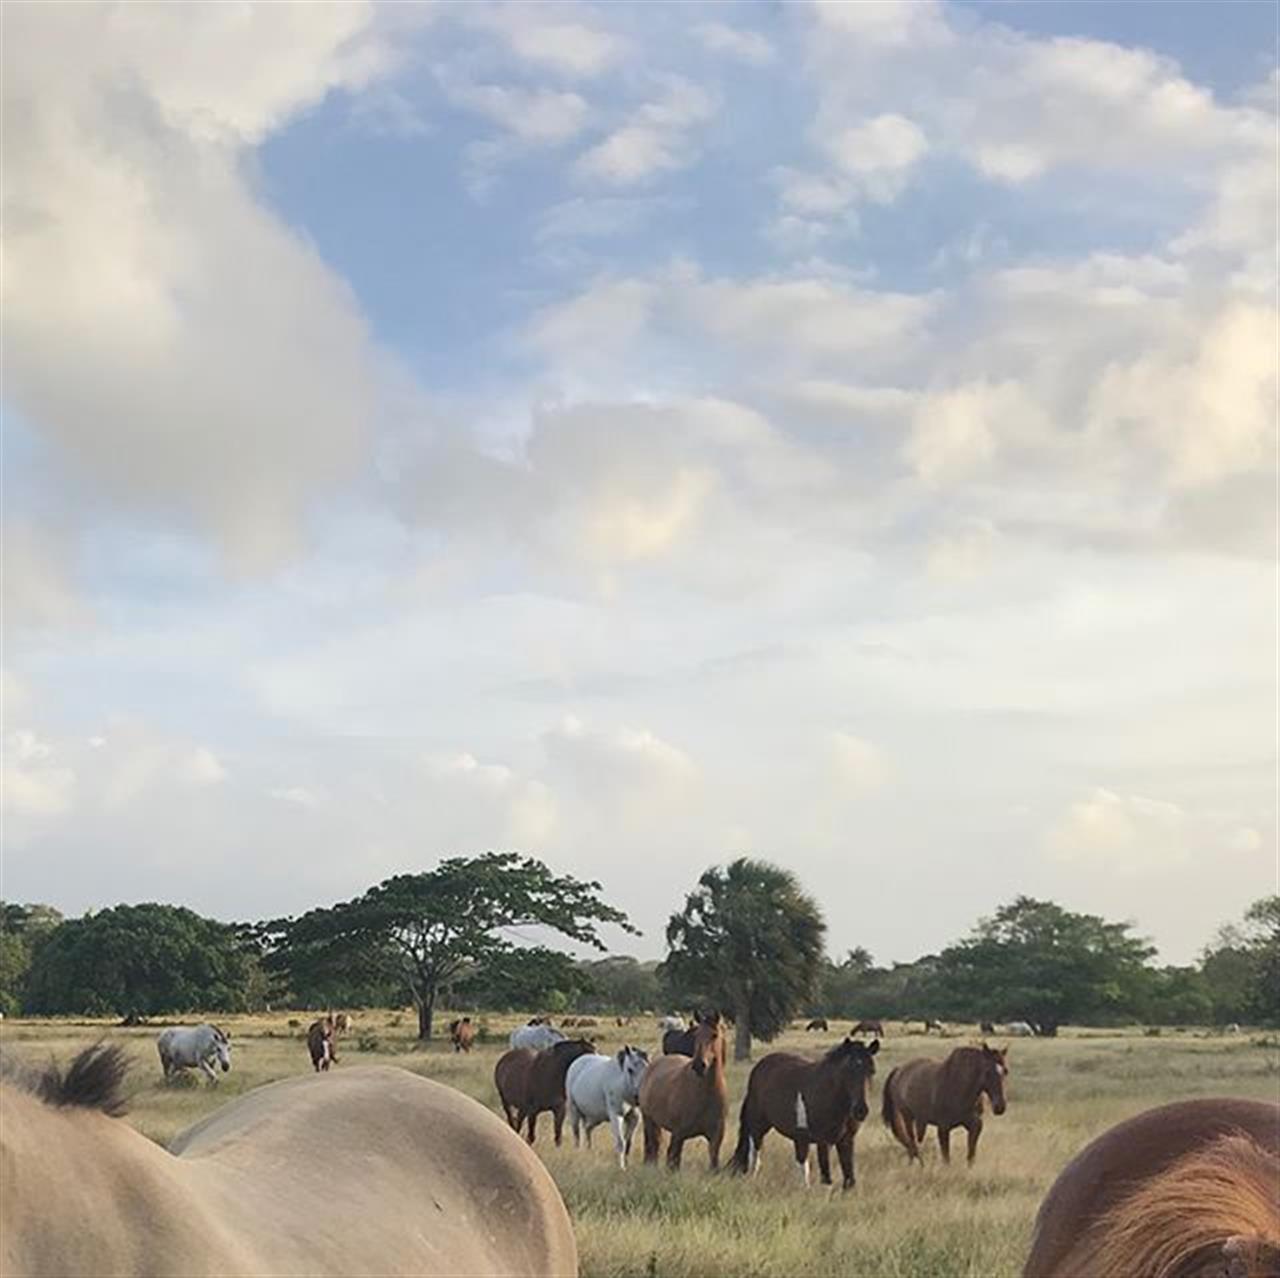 Just Beautiful! #horsesofinstagram #horsebackriding #caribbeanlife #horse #lifestyle #leadingrelocal